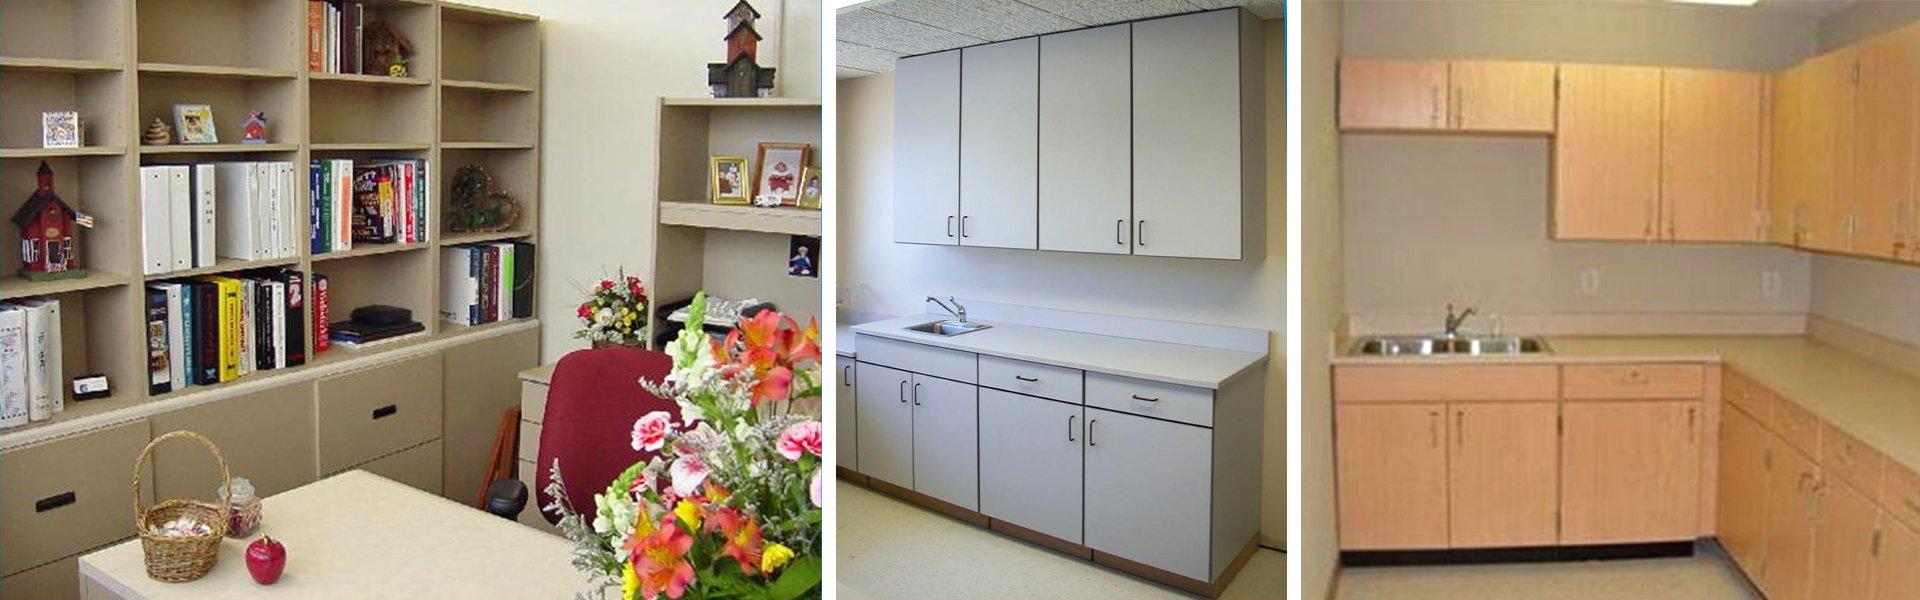 Corilam Office Doctor Breakroom B